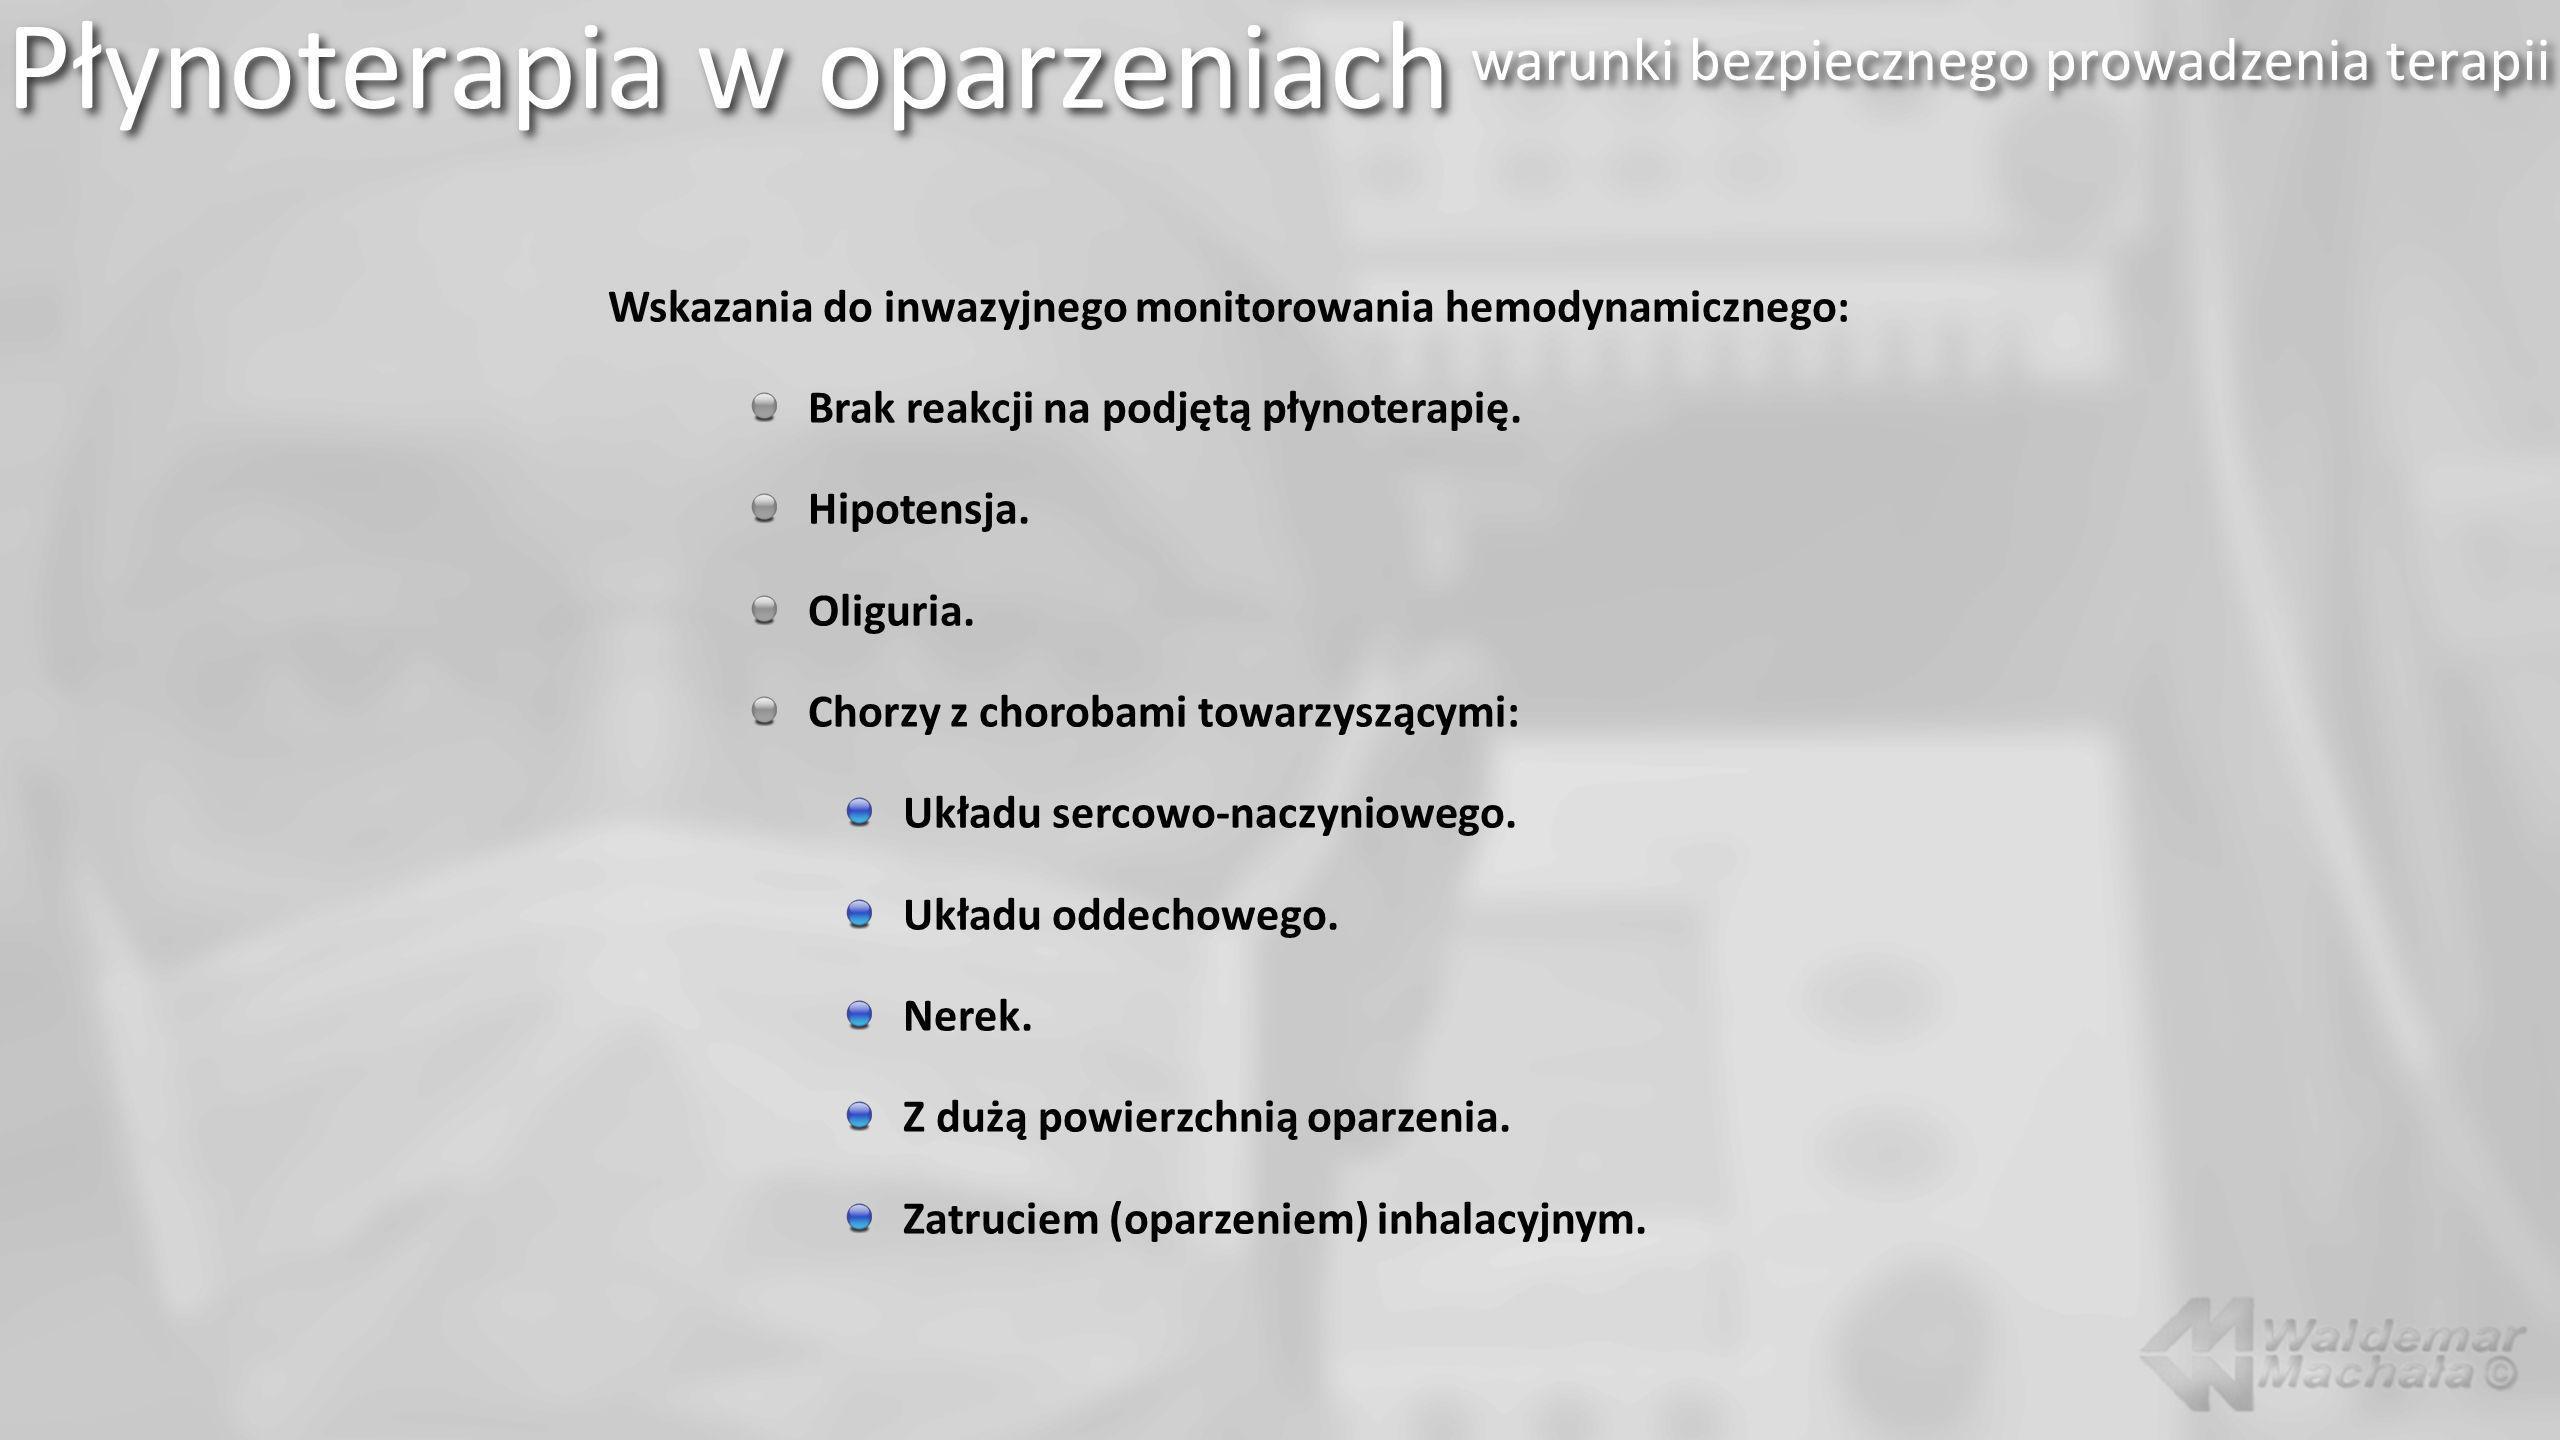 Wskazania do inwazyjnego monitorowania hemodynamicznego: Brak reakcji na podjętą płynoterapię.